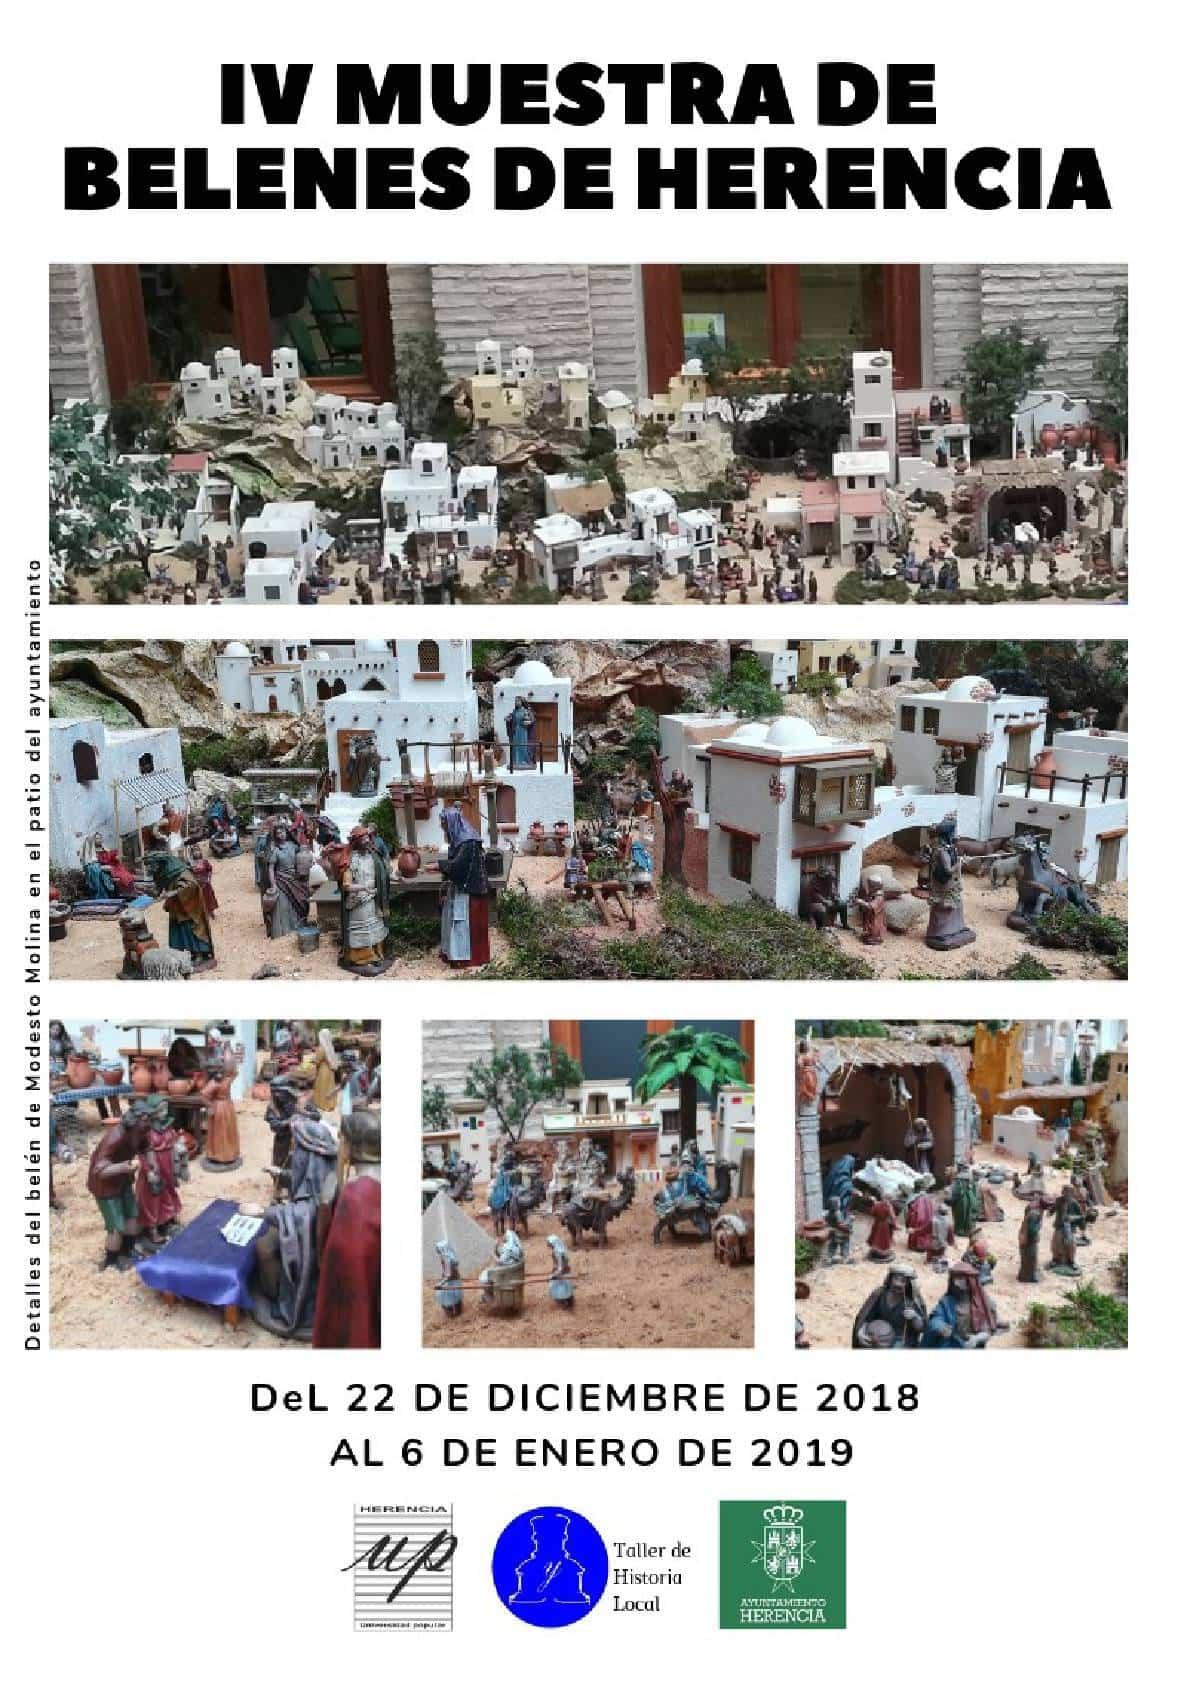 Muestra de belenes populares 2018 2019 001 - 15 nacimientos forman la tradicional Ruta de Belenes